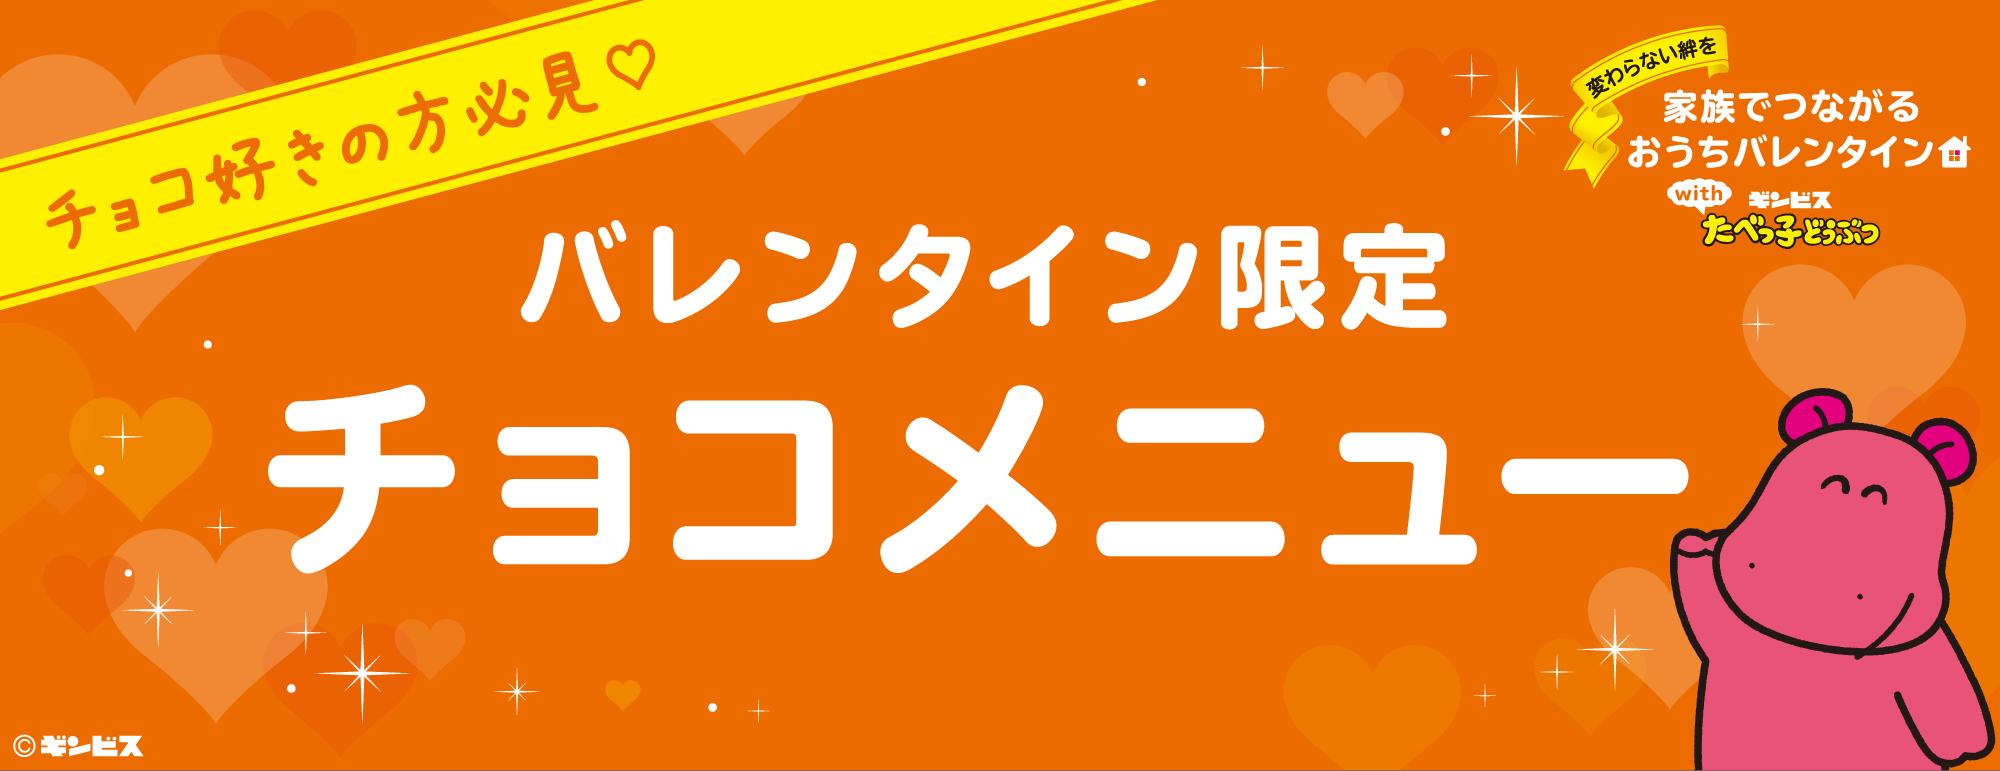 永遠のチョコラバーに捧ぐ♡バレンタイン限定チョコメニュー